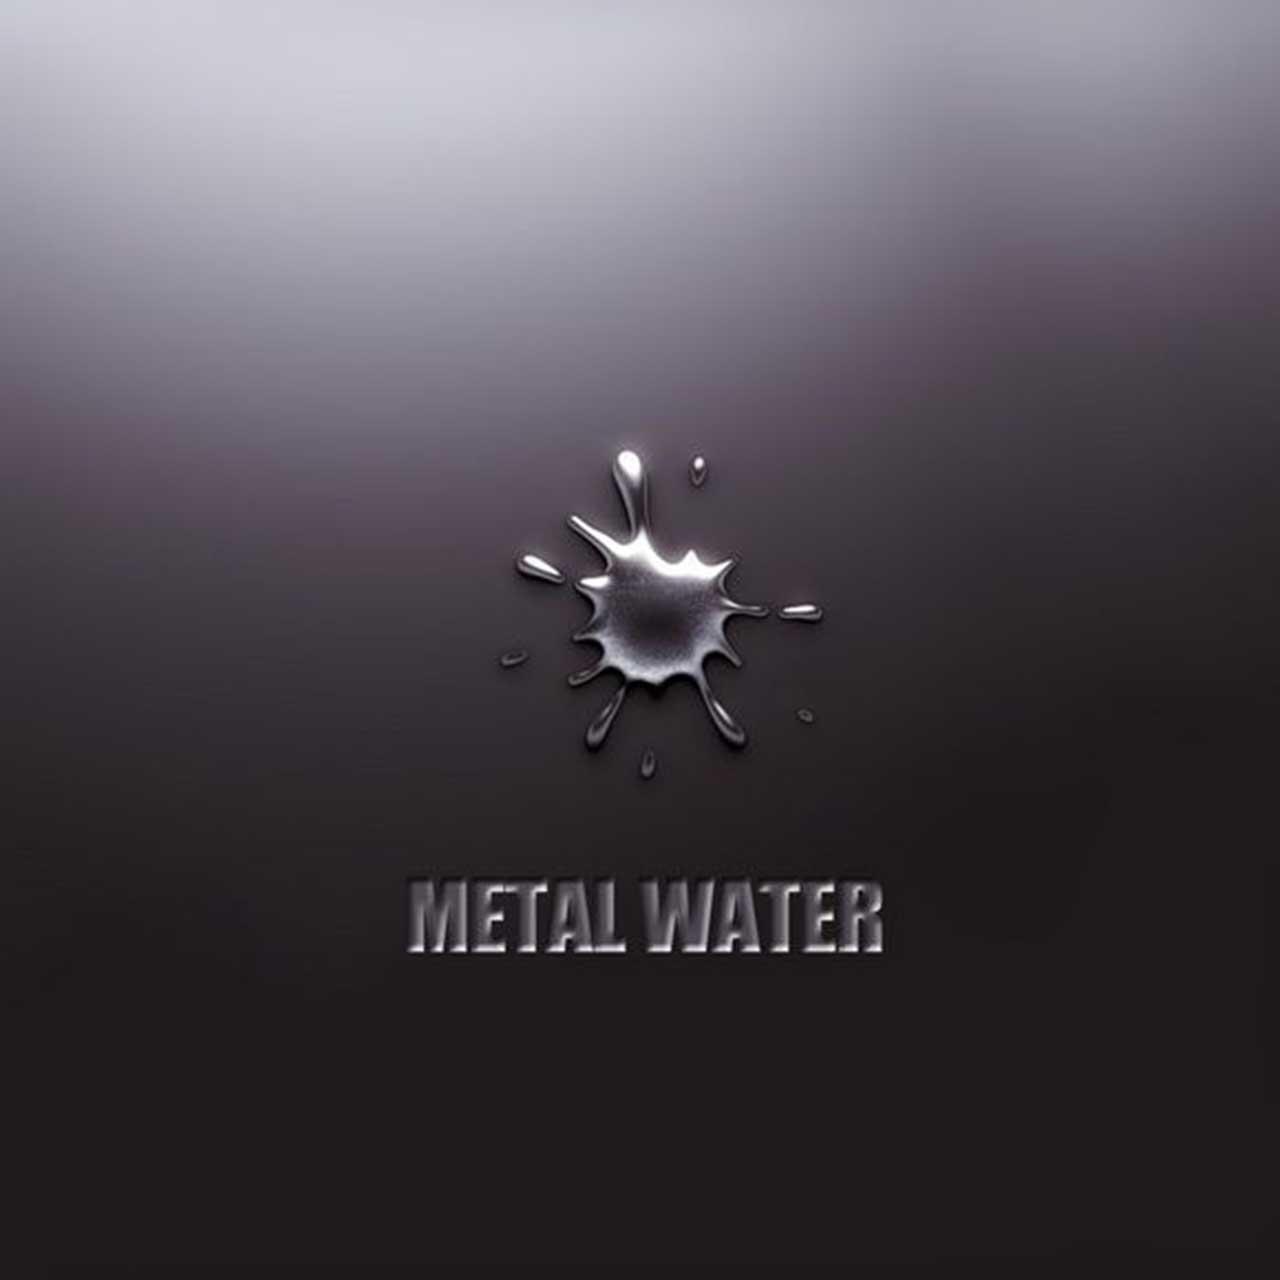 metal water wallpaper